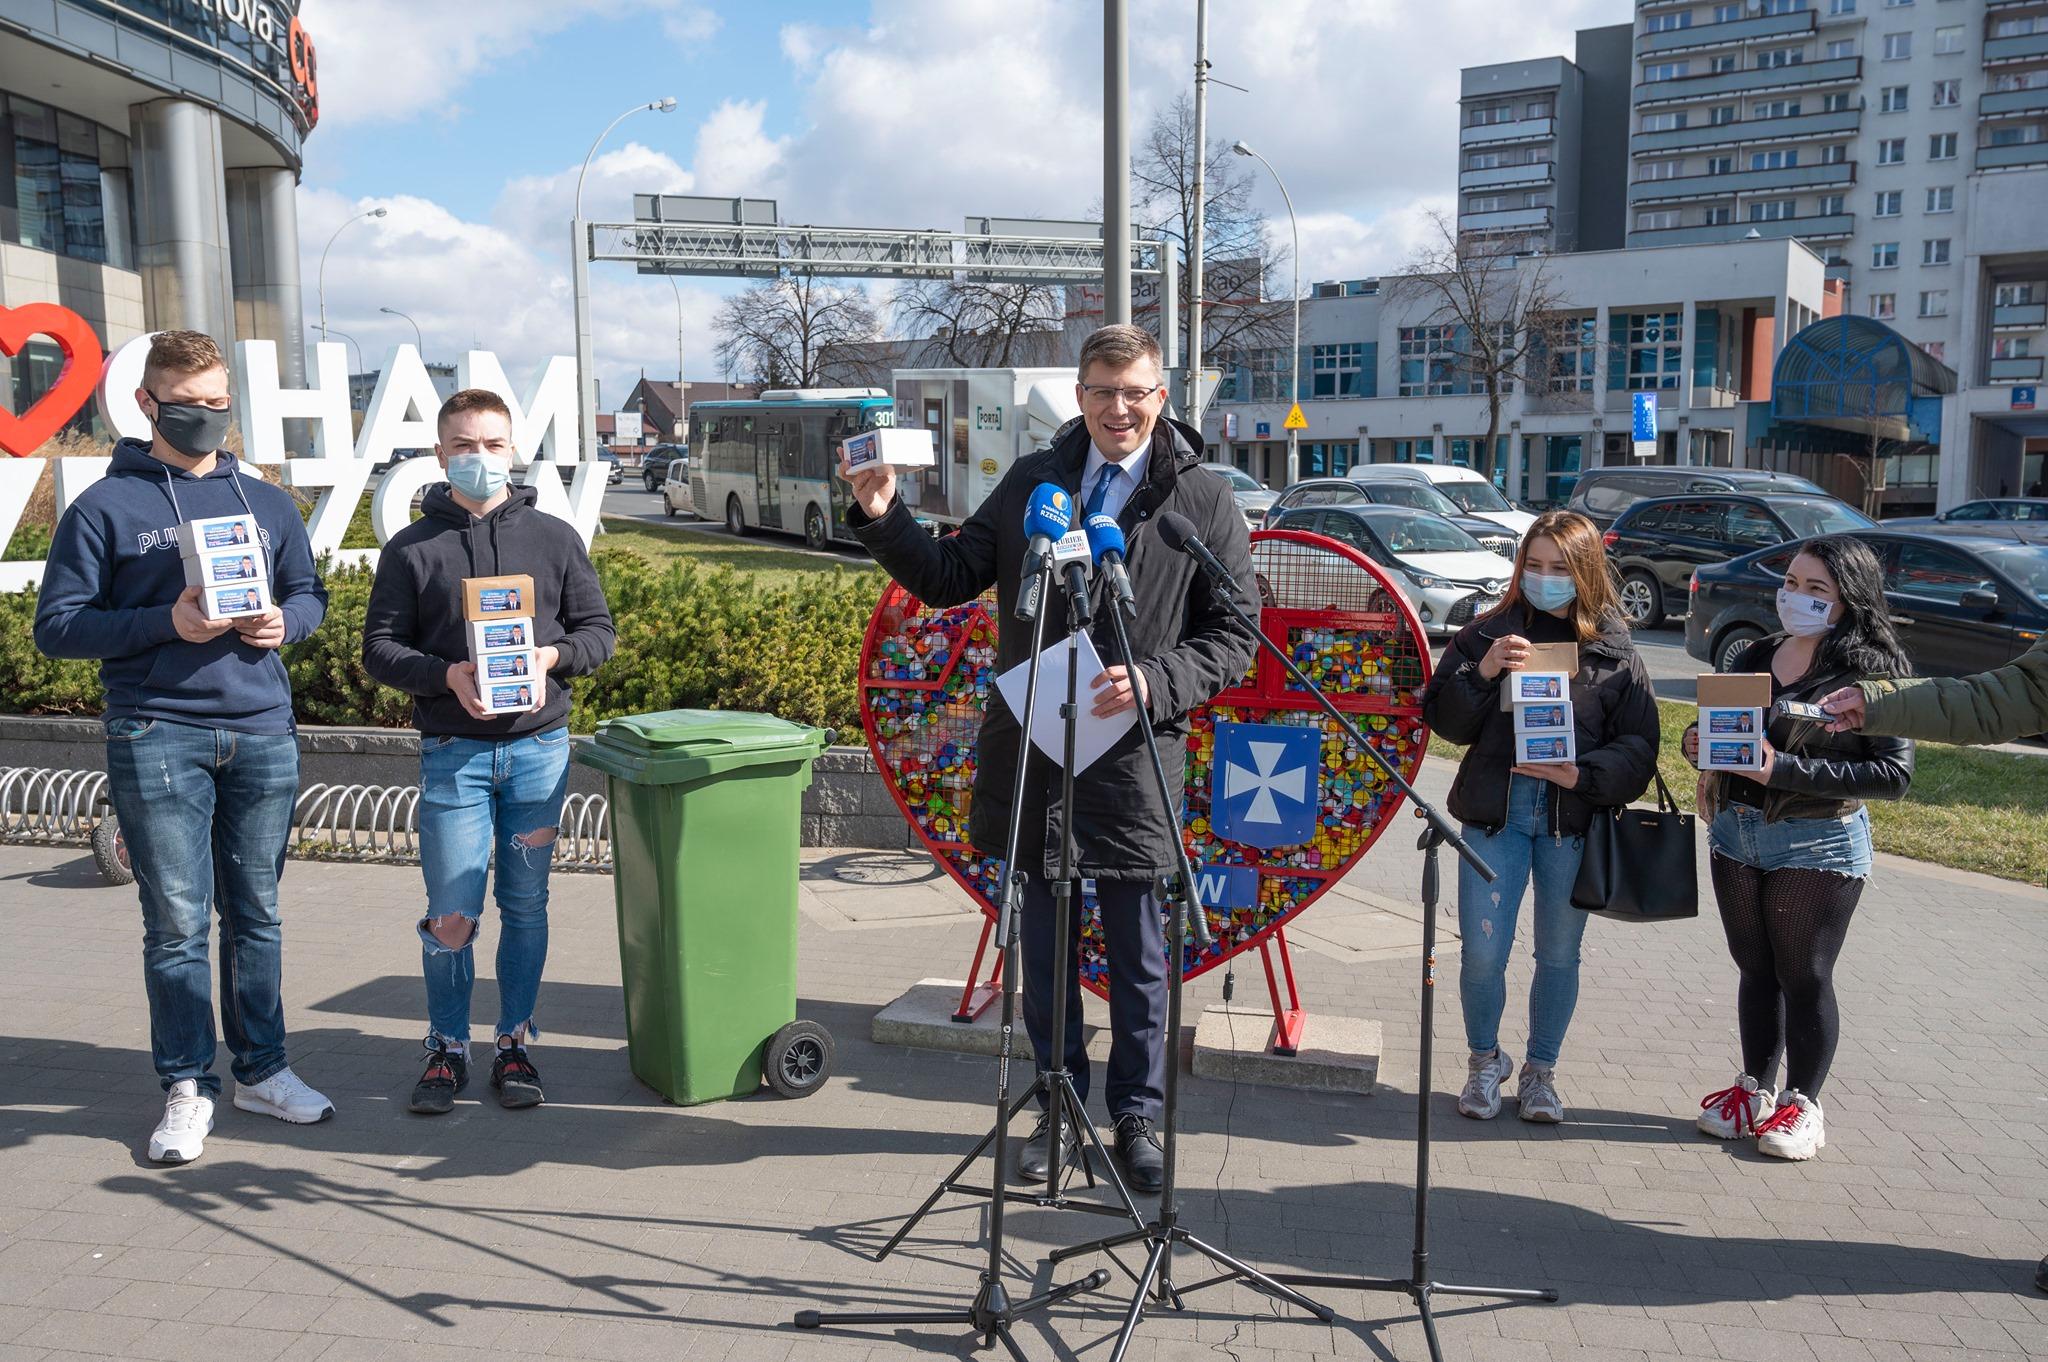 Marcin Warchoł promuje recykling i obiecuje budowę biogazowni - Zdjęcie główne